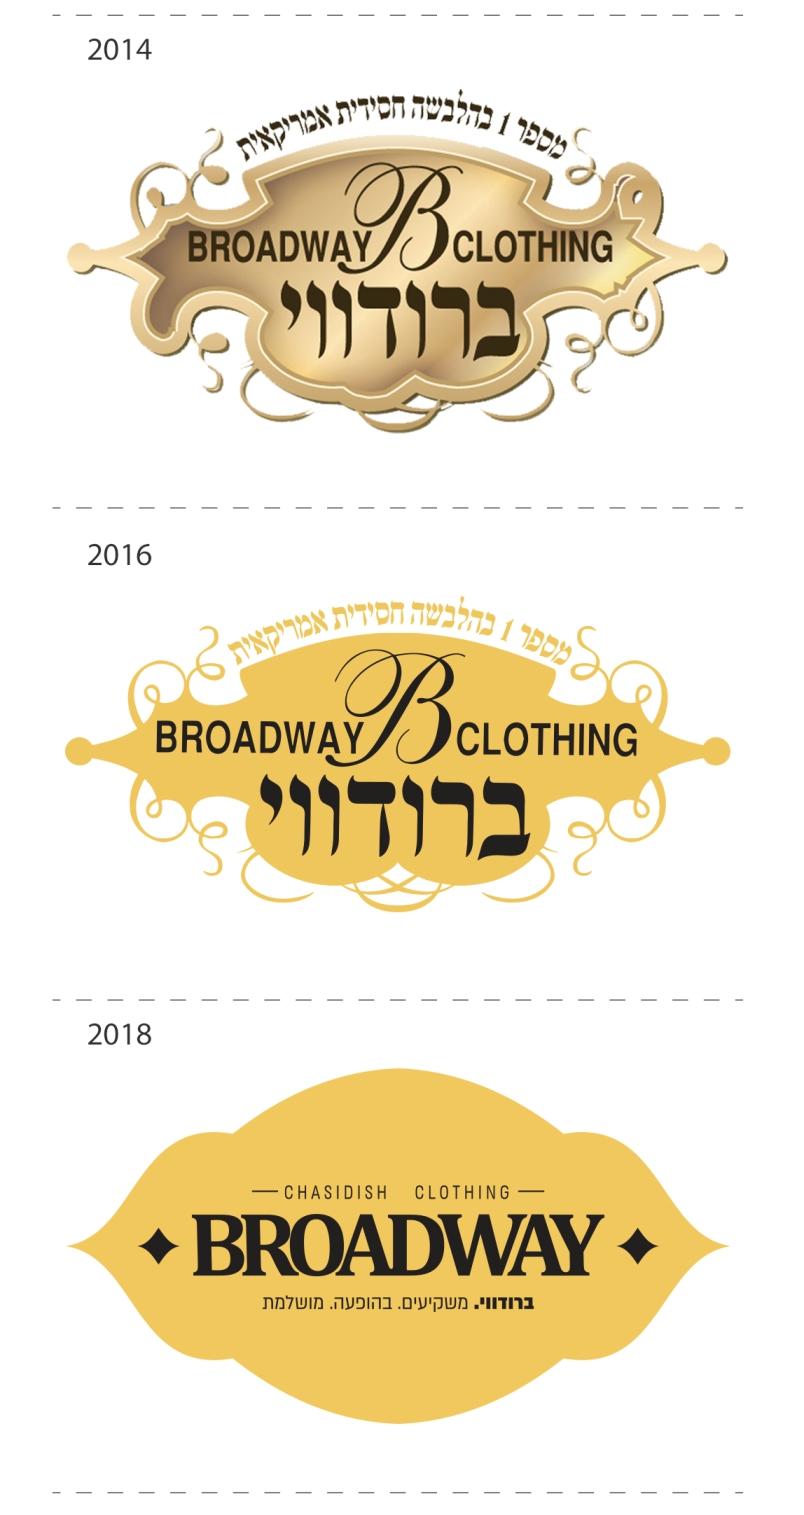 אבולוציה של לוגו: כך נראה המיתוג החדש של ברודווי 1